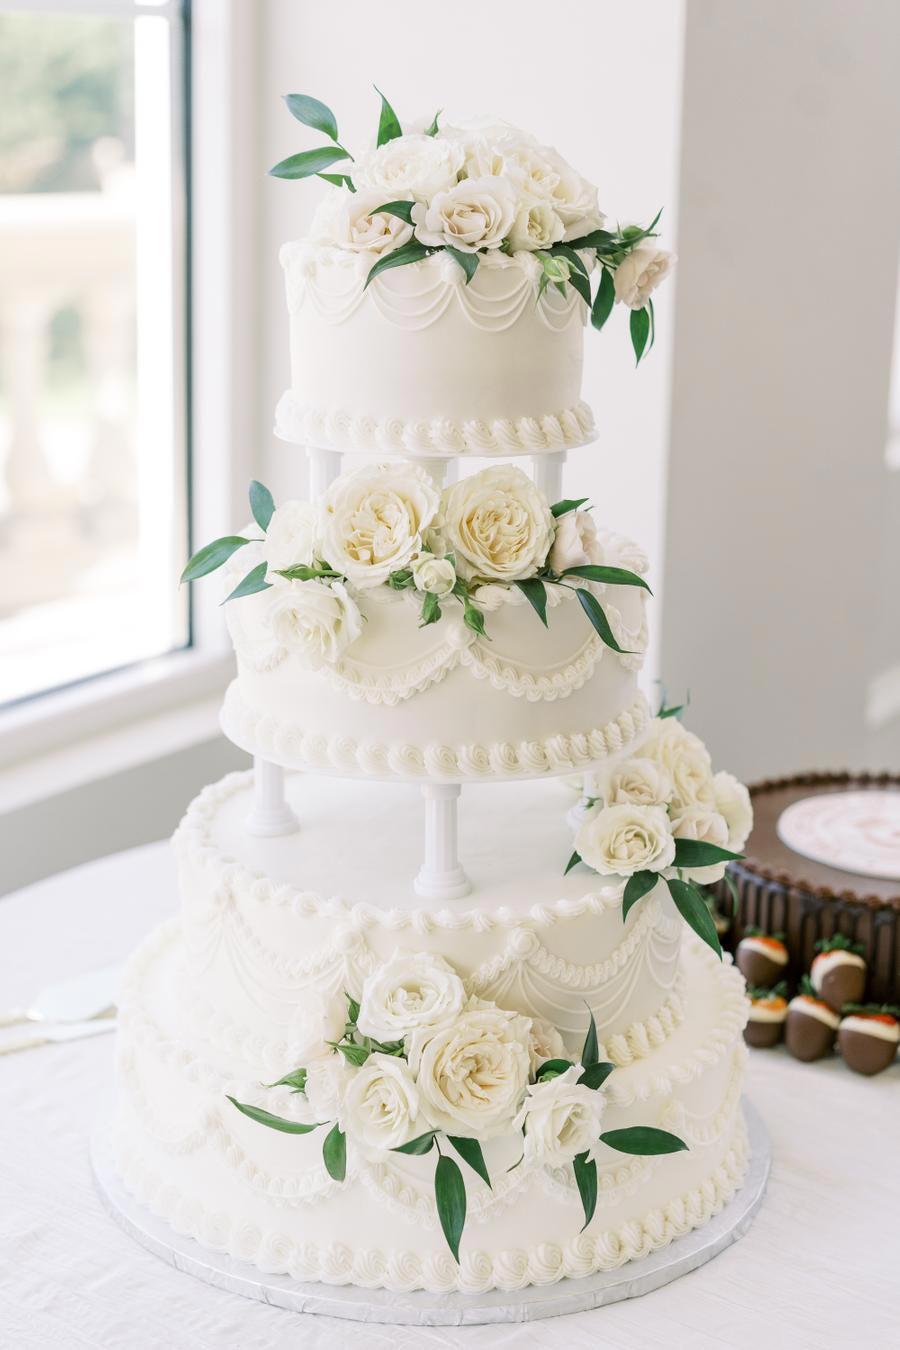 классическая свадьба на современный манер как устроить 29